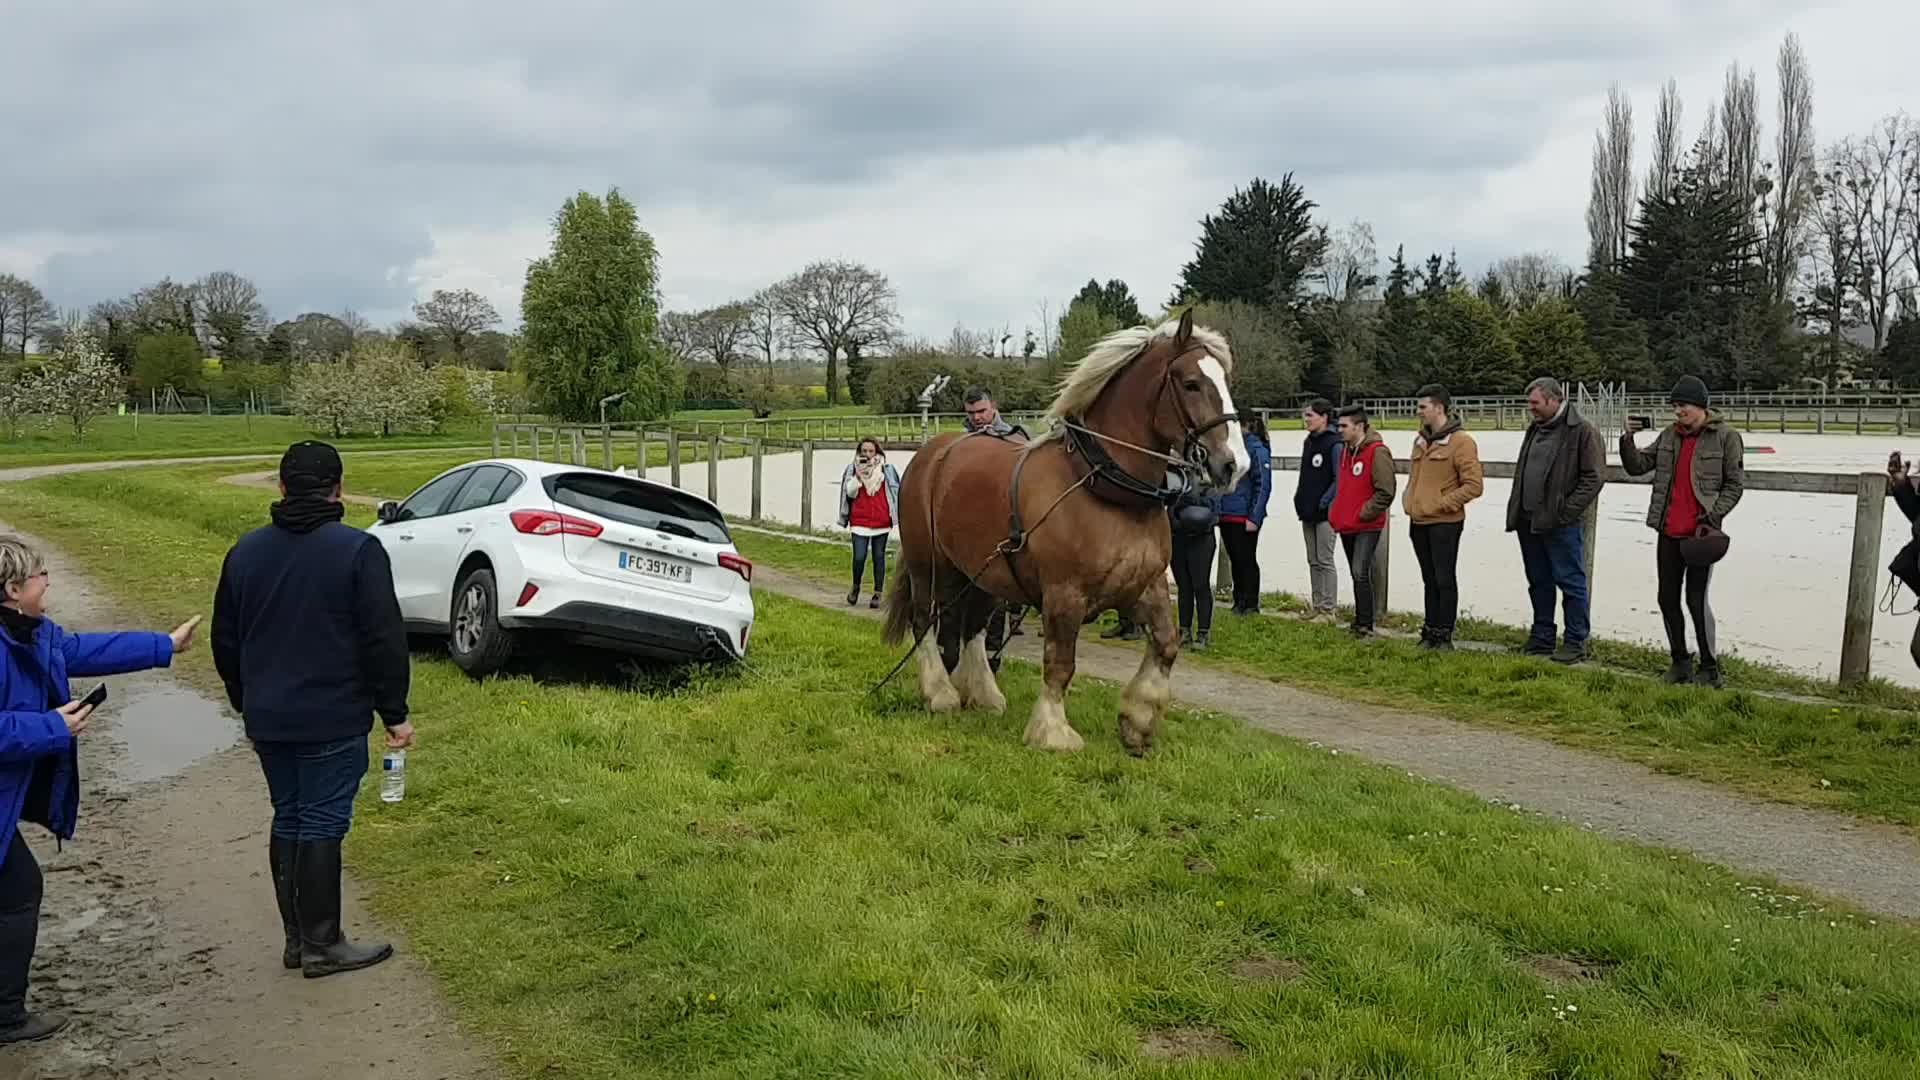 horse, horsepower, tippytaps, Dépannage pendant les Equi Trait de jeune Lamballe 2019 GIFs